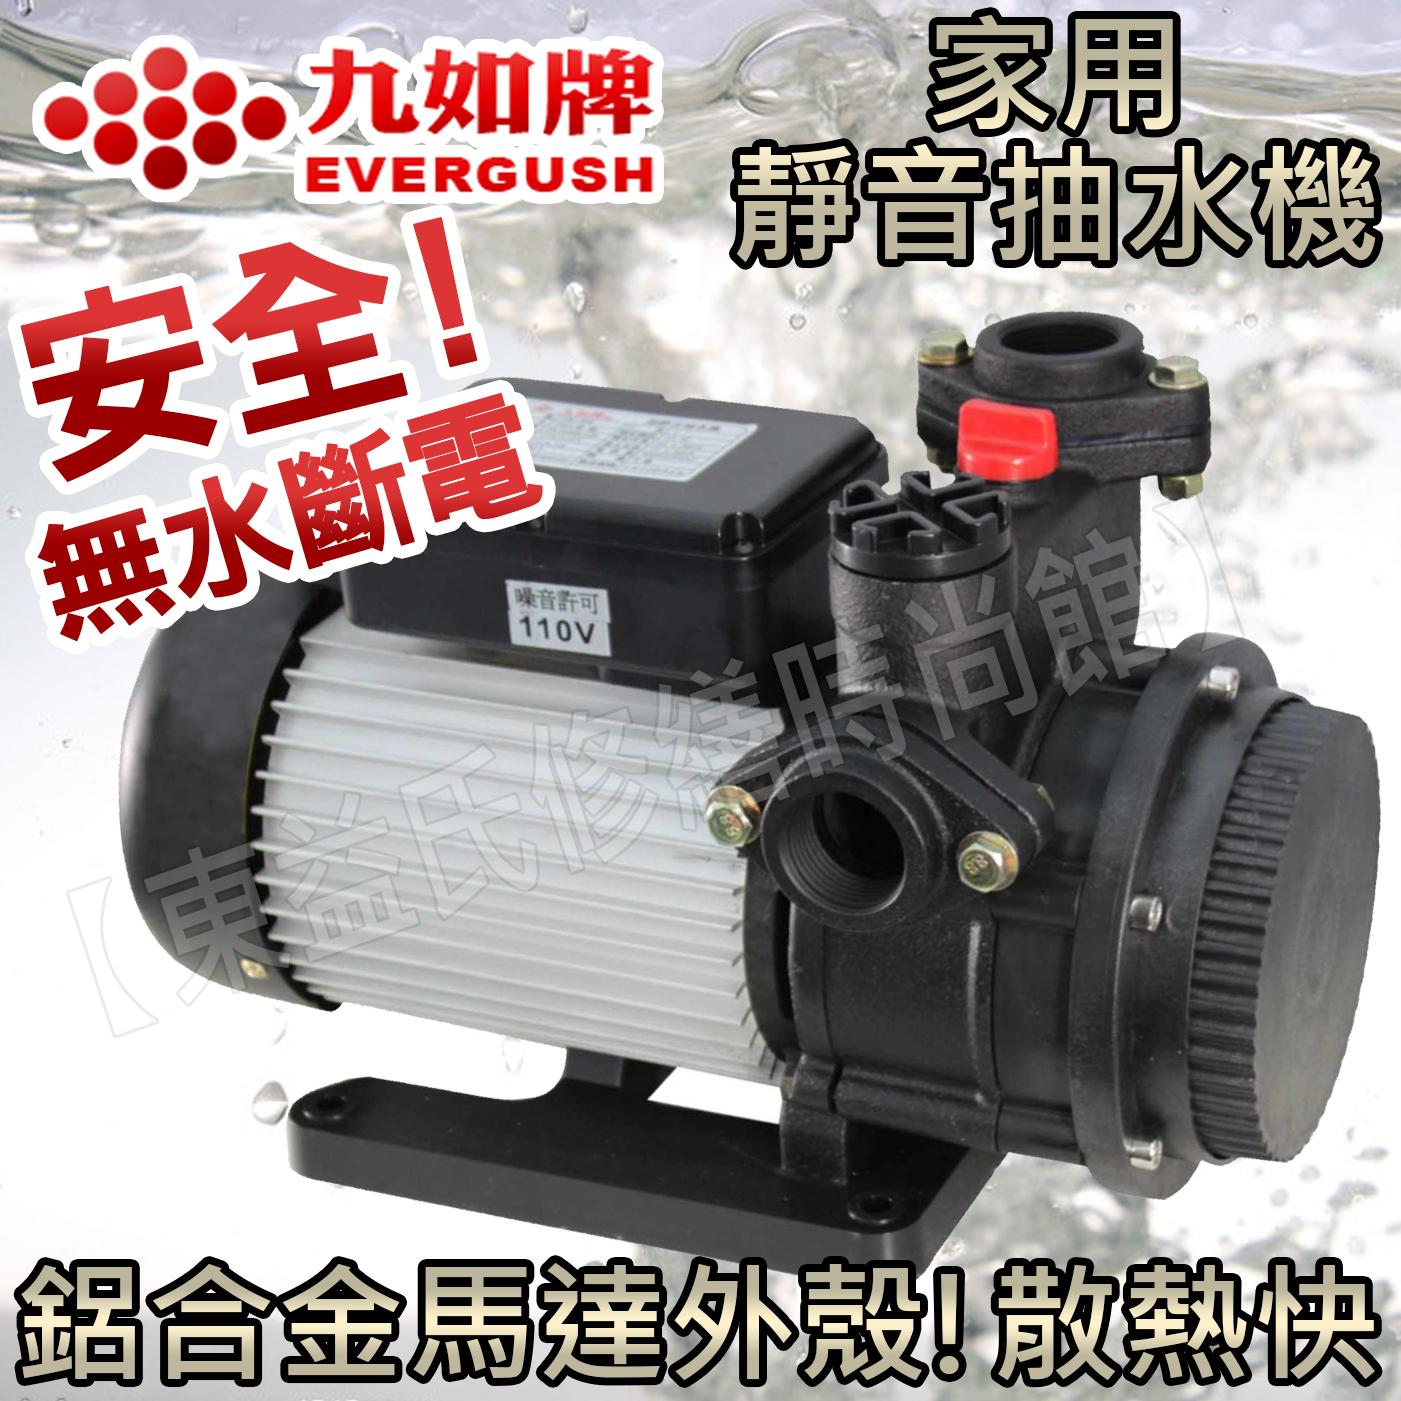 EK400 九如牌 1/2HP 鋁合金 靜音抽水機110V/220V通用 無水斷電【東益氏】售 大井牌